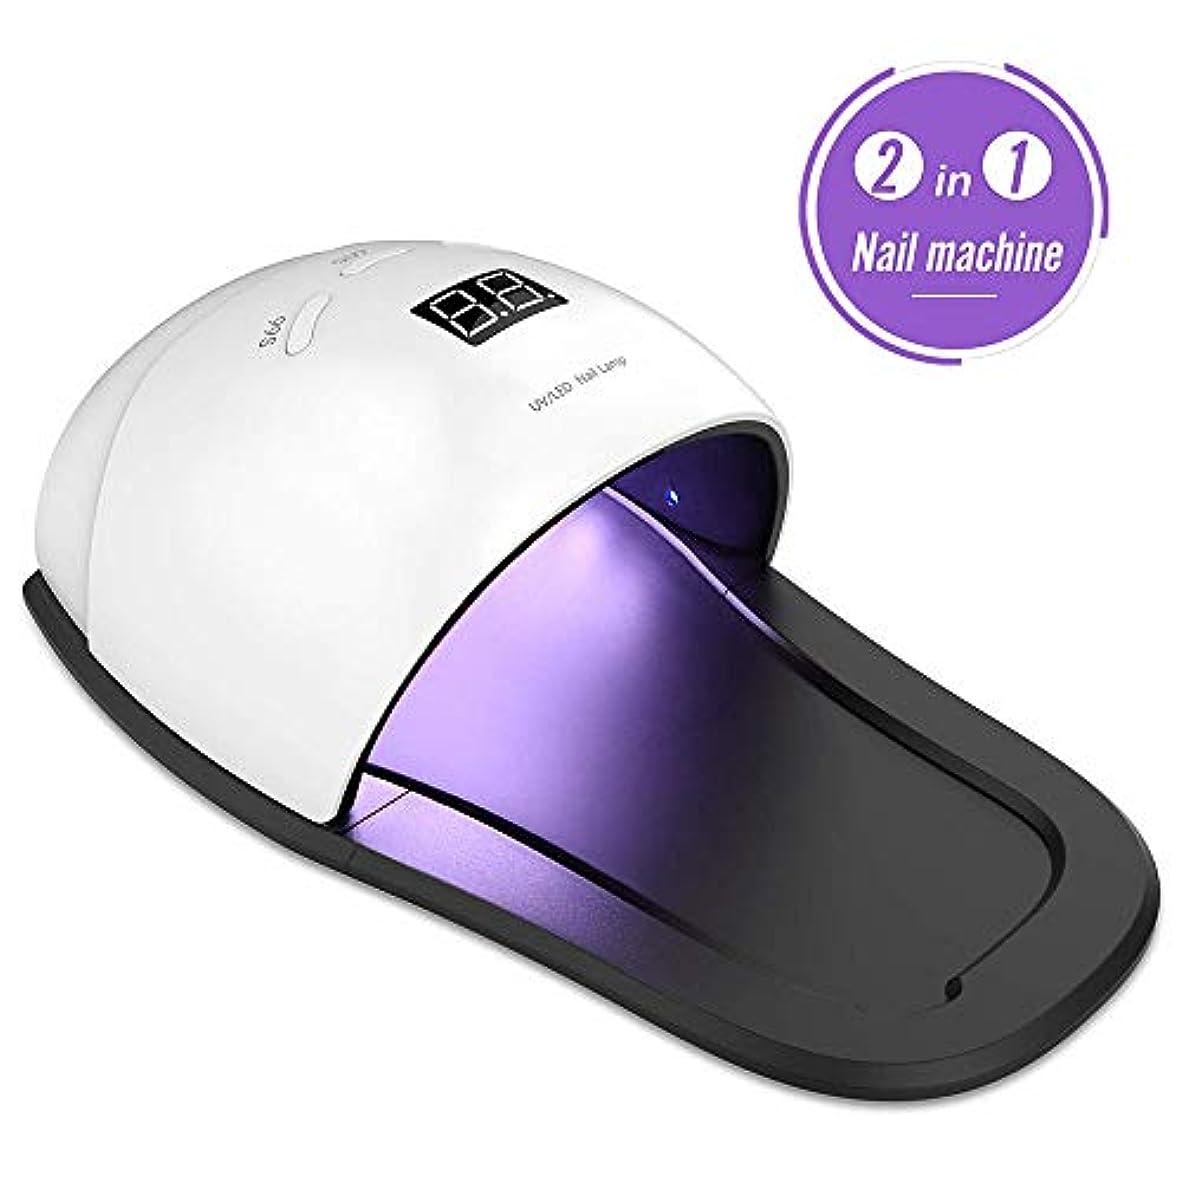 バリケード軍地平線ネイルランプ、LED 48W UVネイルドライヤー、足指ネイルと指ネイルを硬化させるための新バージョン、スマート自動感知3タイマー設定、ポータブルミニプロフェッショナルクイックLEDネイルキュア